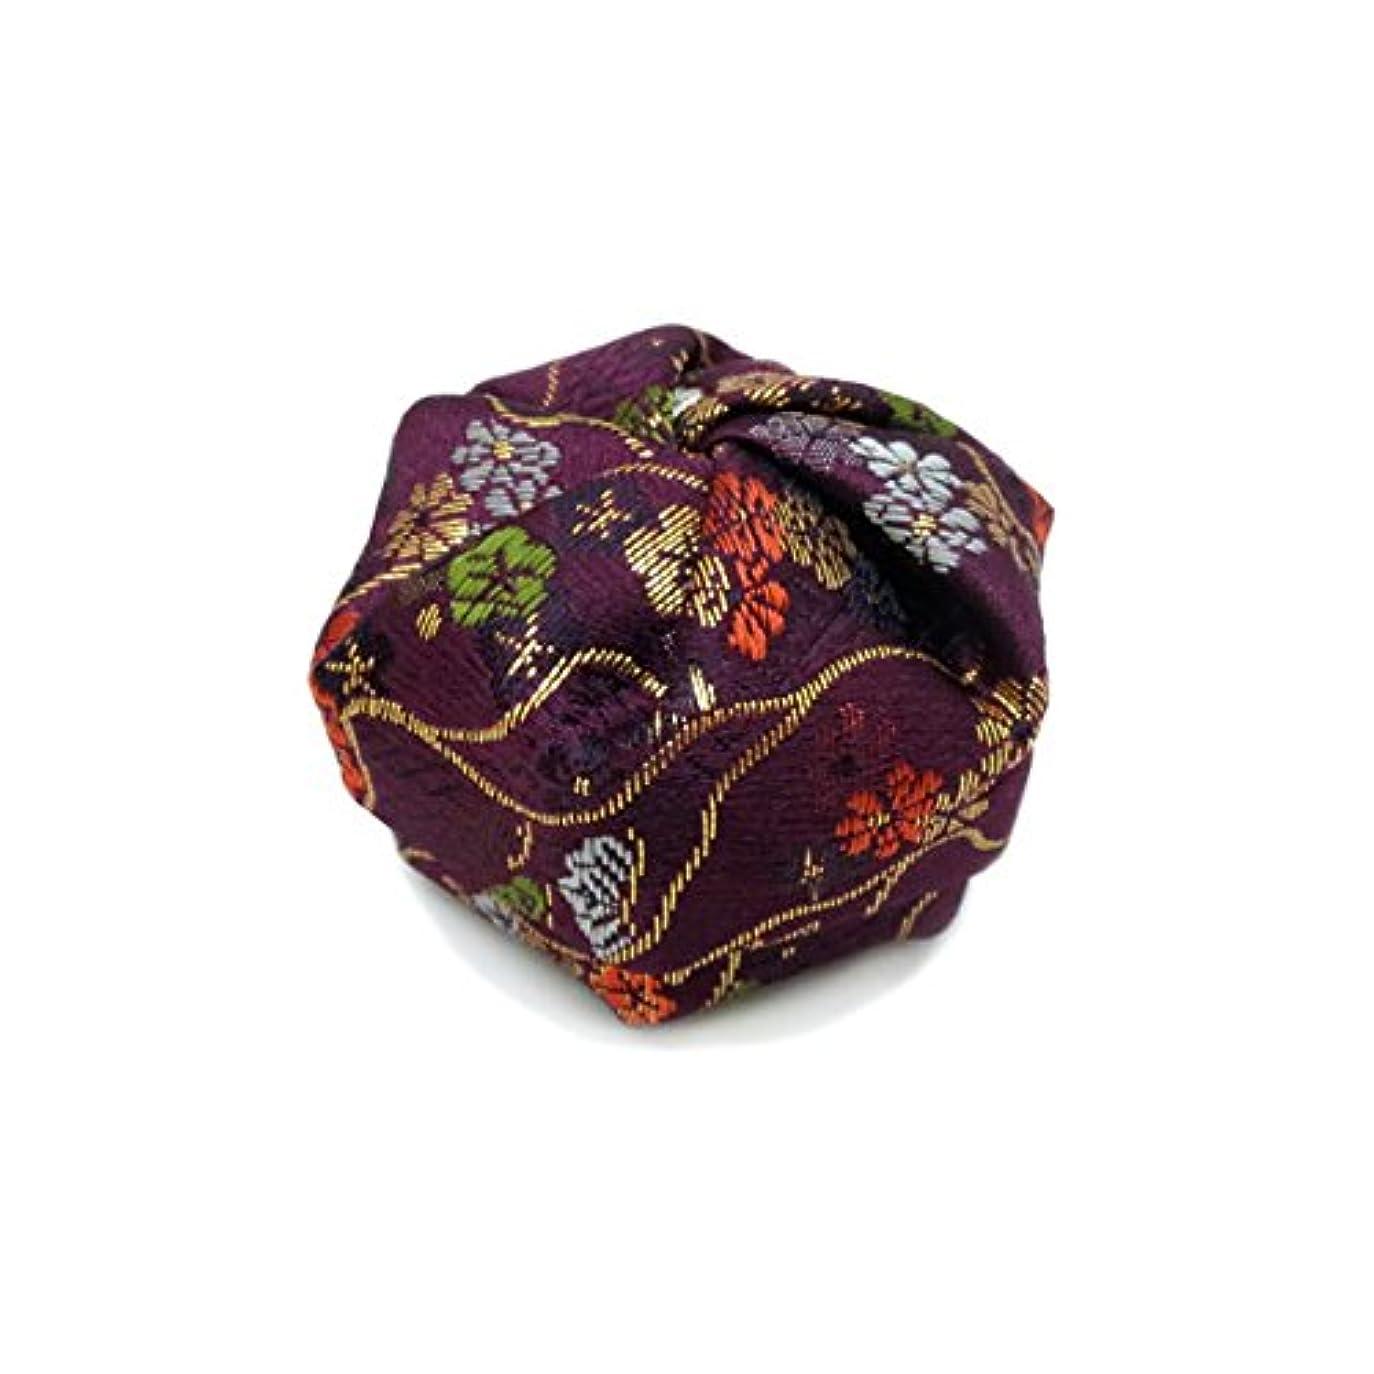 精神的に予想外唯一布香盒 紫系 紙箱入